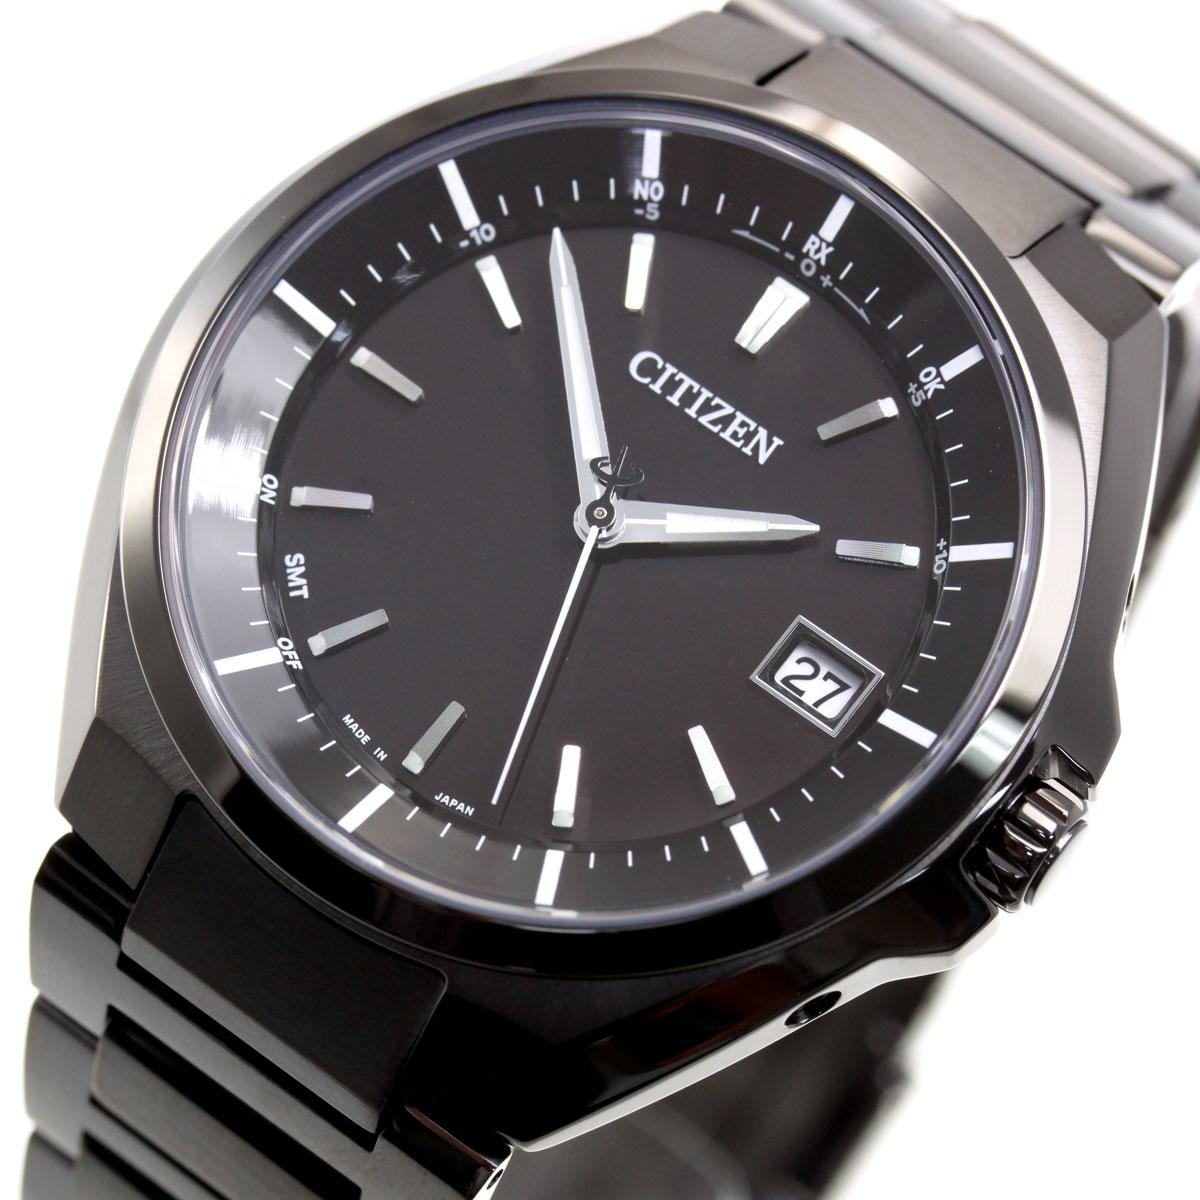 腕時計 CB3015-53E シ�ズン CITIZEN ATTESA メンズ メンズ ダイレクトフライト�表示� エコ・ドライブ ワールドタイム 電波時計 腕時計 アテッサ シ�ズン